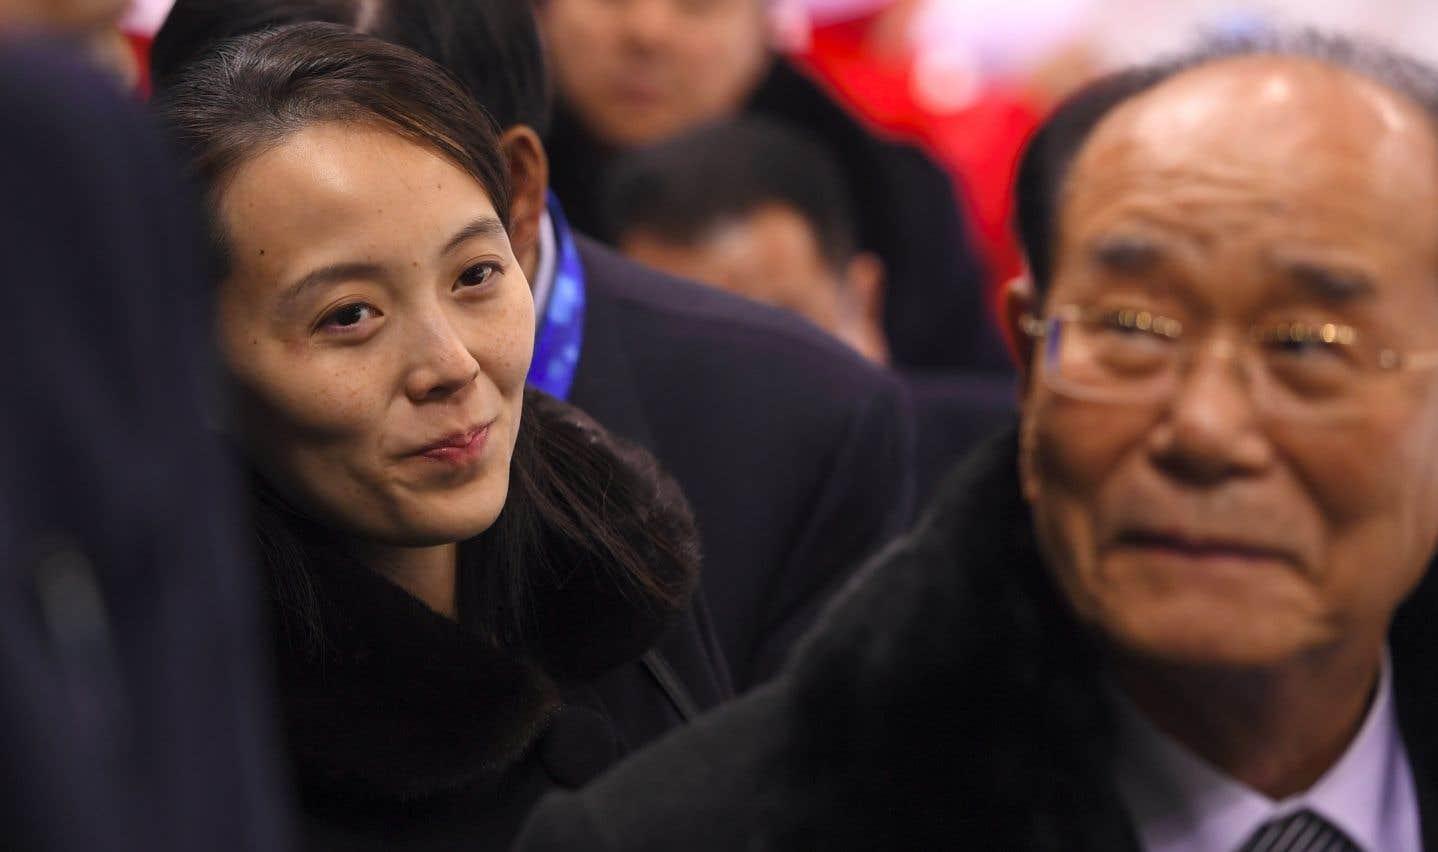 Le président de l'Assemblée populaire suprême, Kim Yong Nam (à droite) et la sœur de Kim Jong-un, Kim Yo Jong, le 10 février dernier.